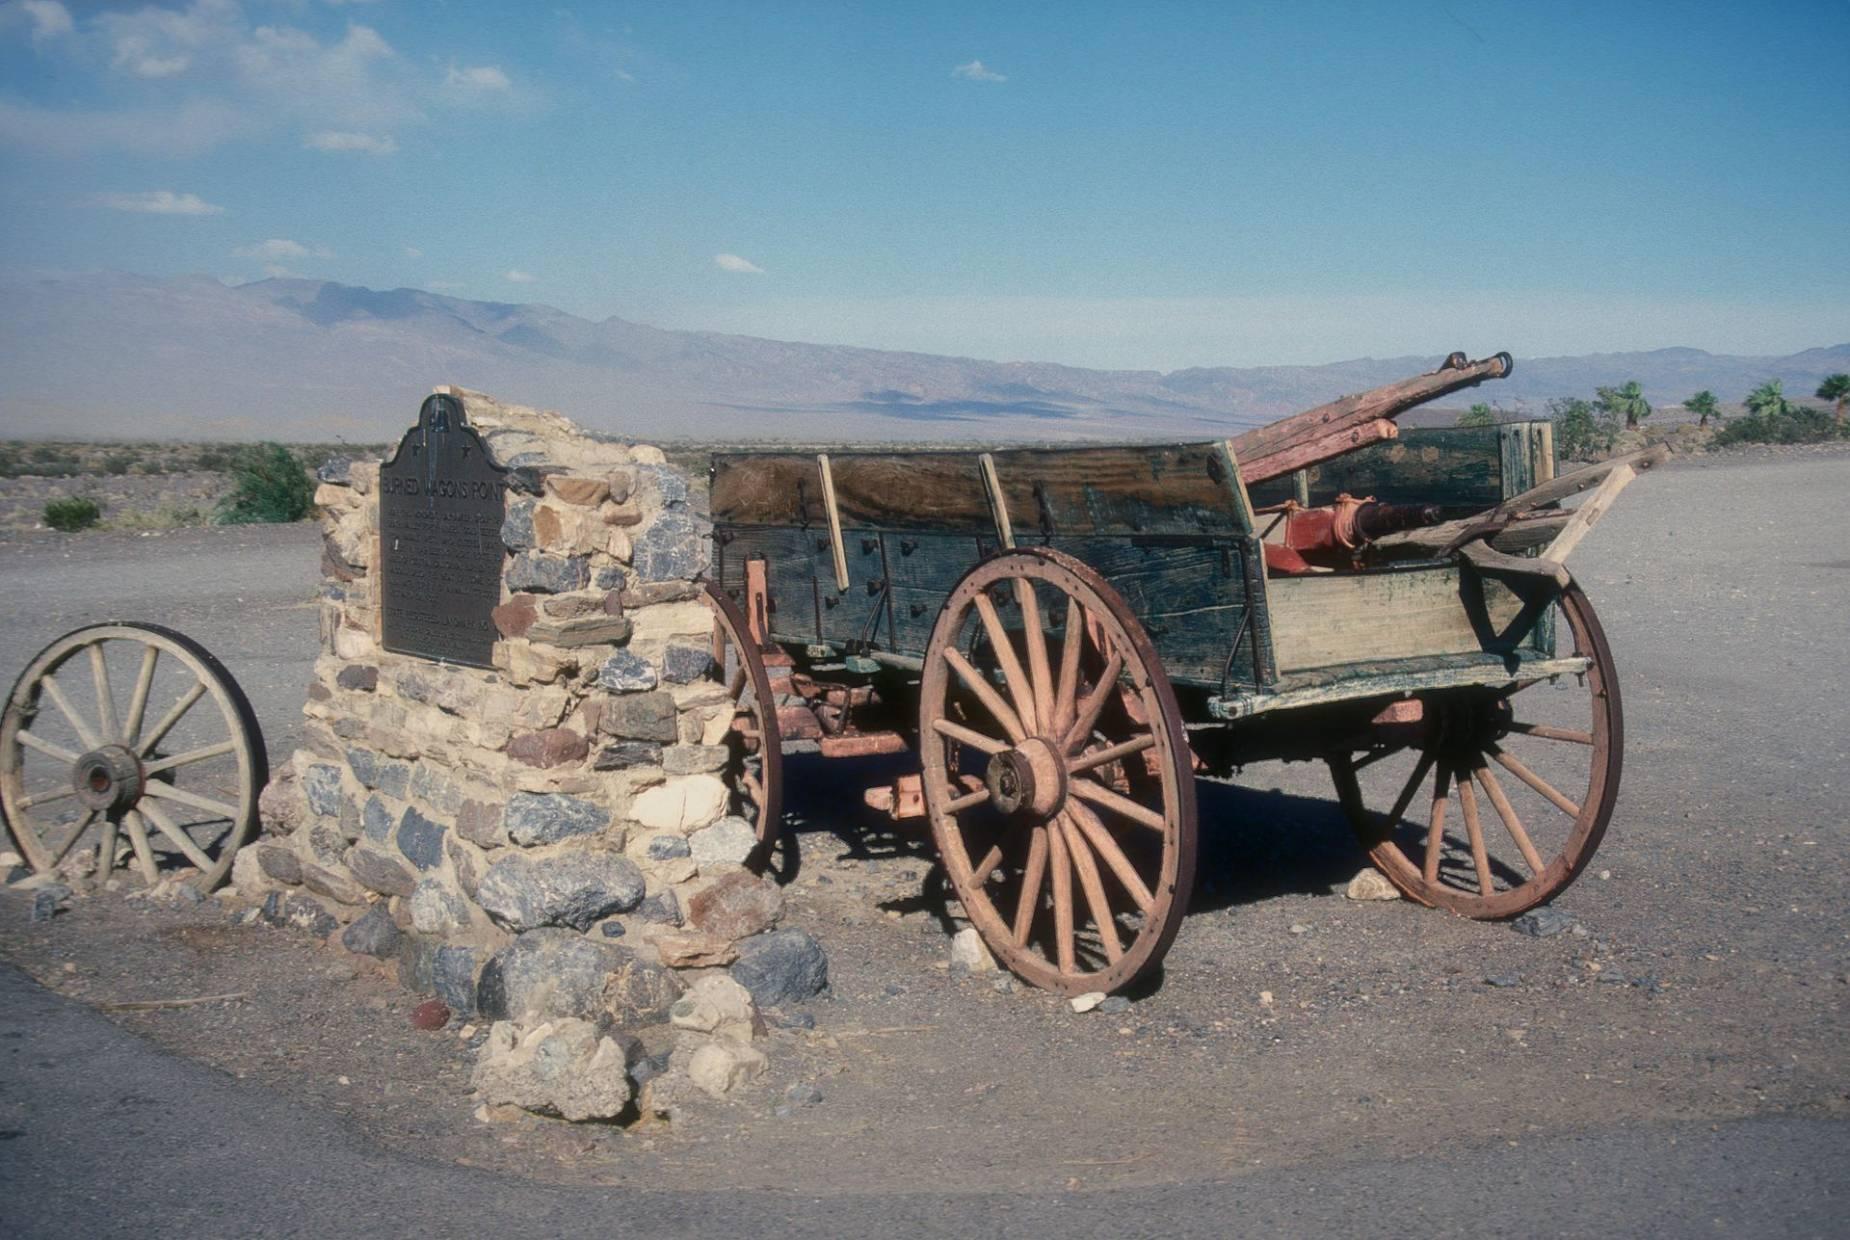 El monumento Burnt Wagons donde quemaron sus carretas los descubridores